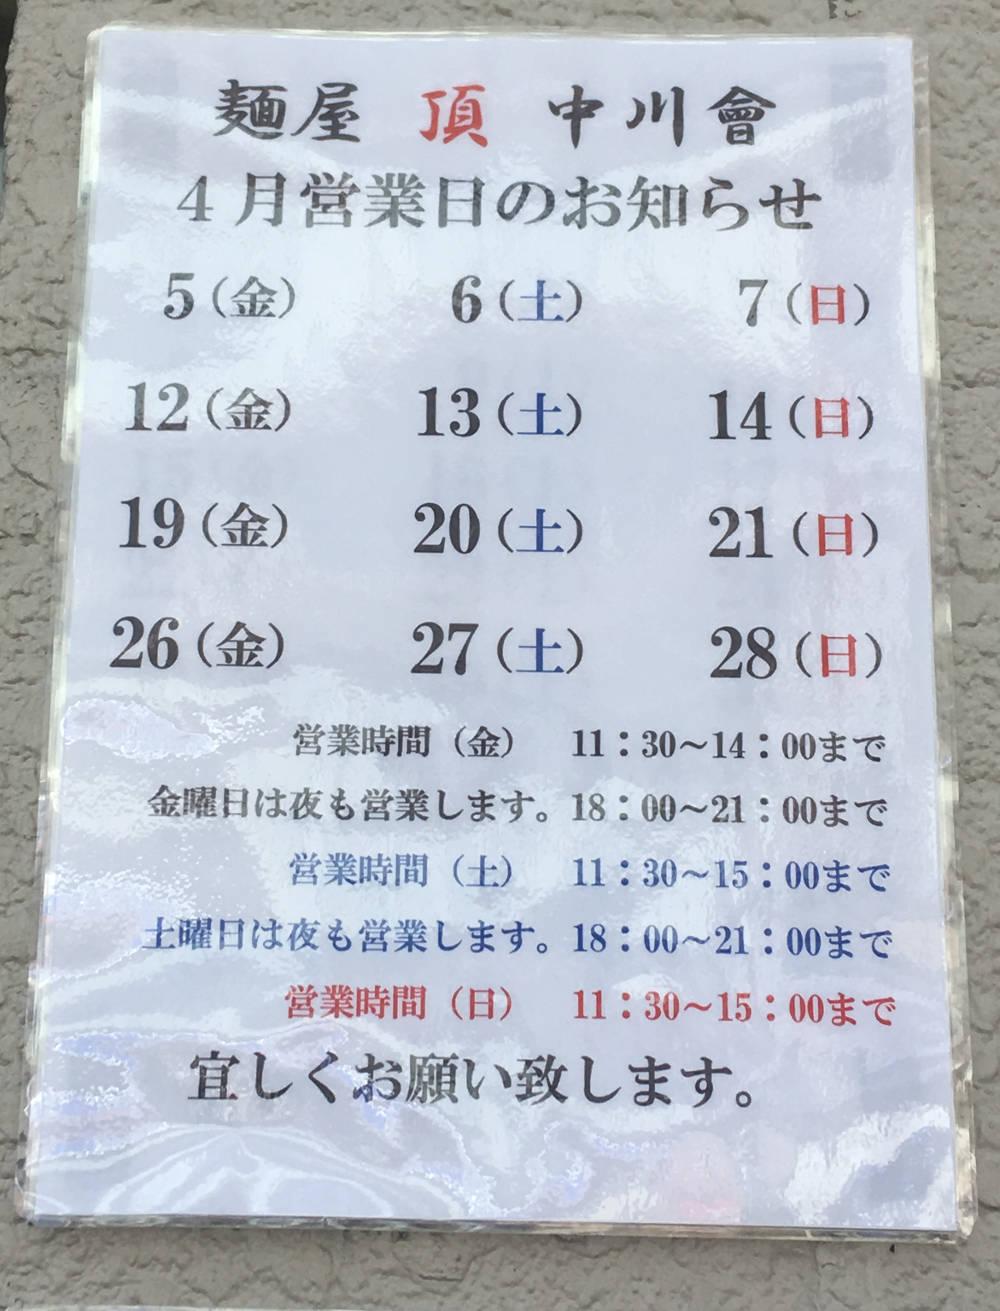 麺屋頂中川會の2019年4月の営業日と営業時間